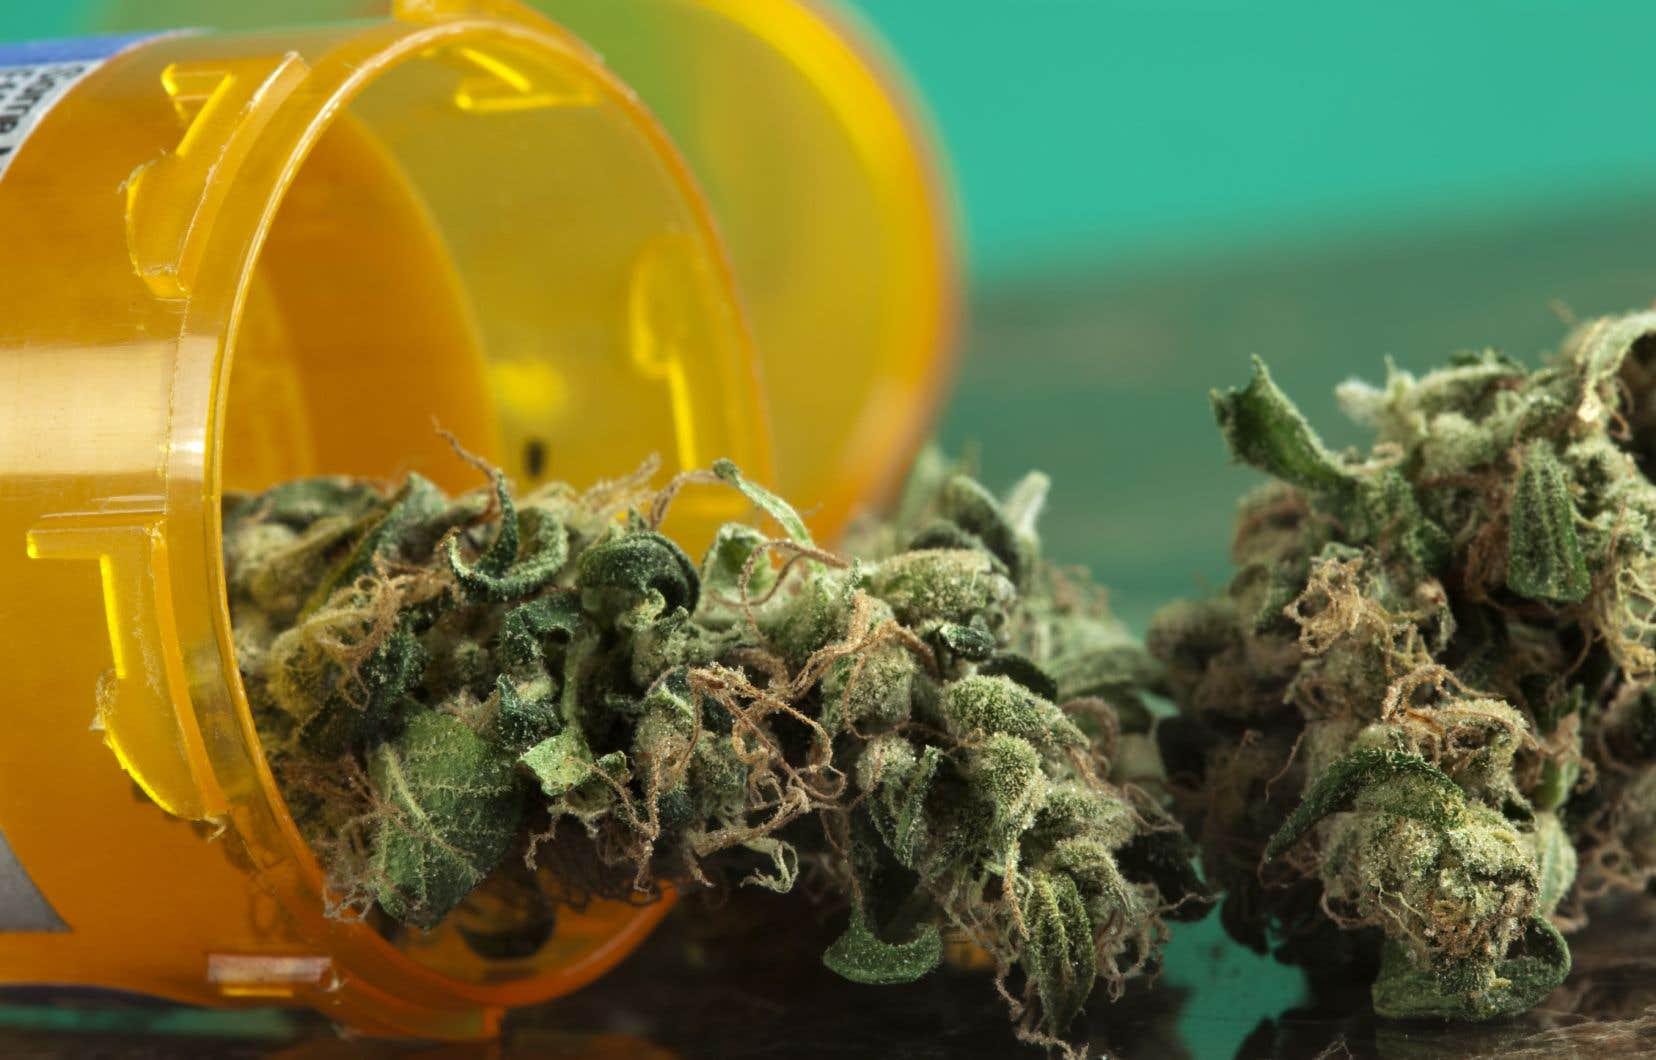 <p>Les chercheurs ont été étonnés de voir qu'autant d'enfants et d'adolescents semblaient consommer de la marijuana pour des raisons médicales.</p>